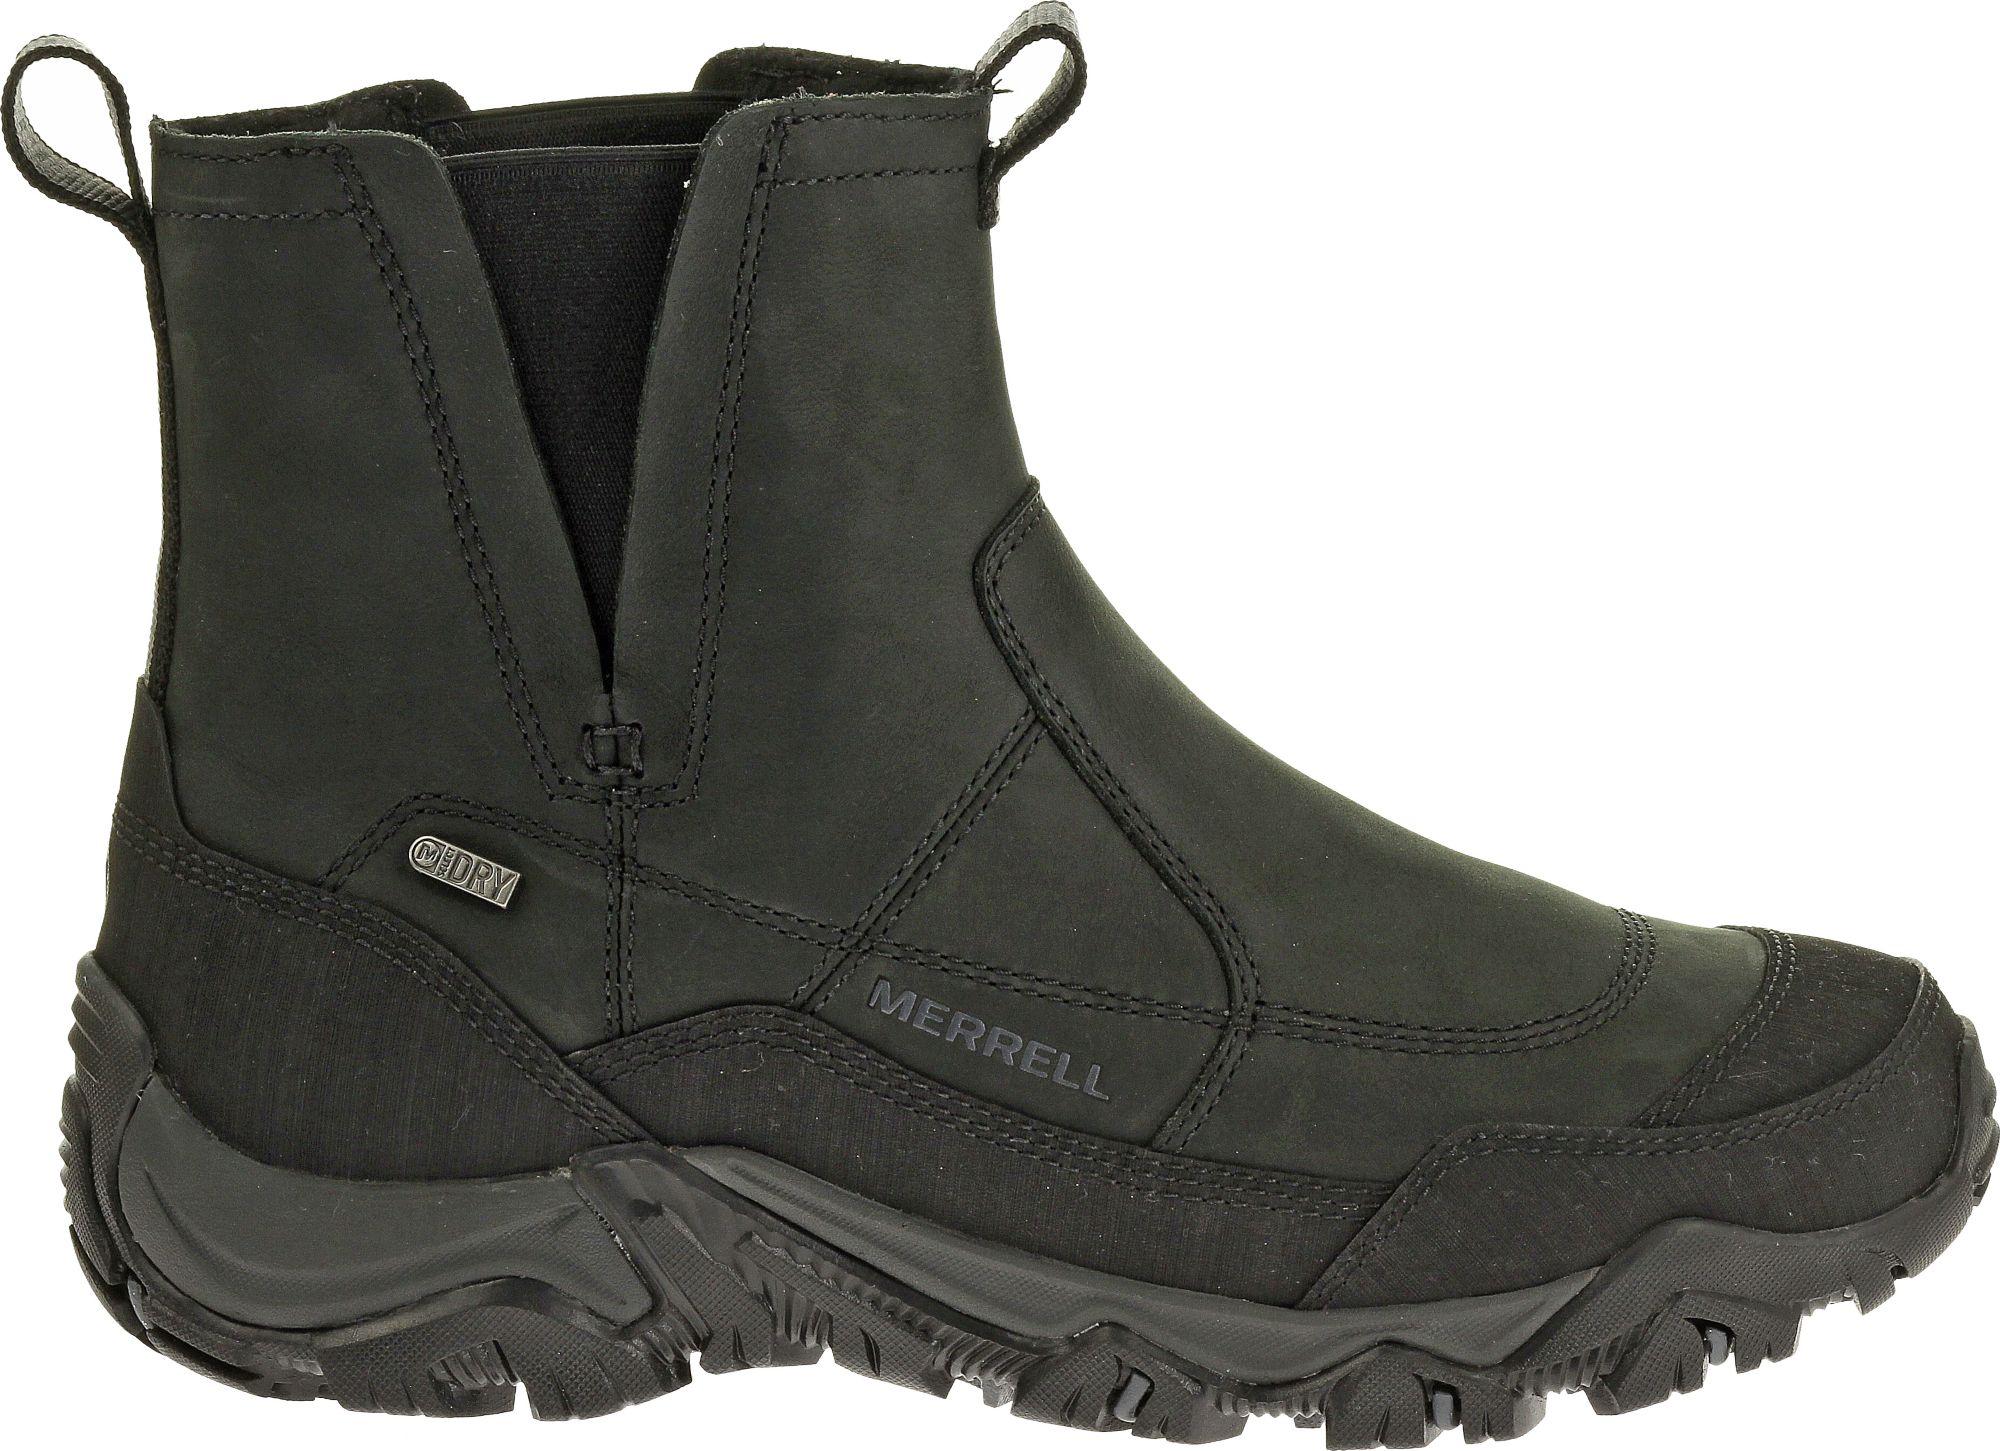 Merrell Men's Winter Boots | DICK'S Sporting Goods